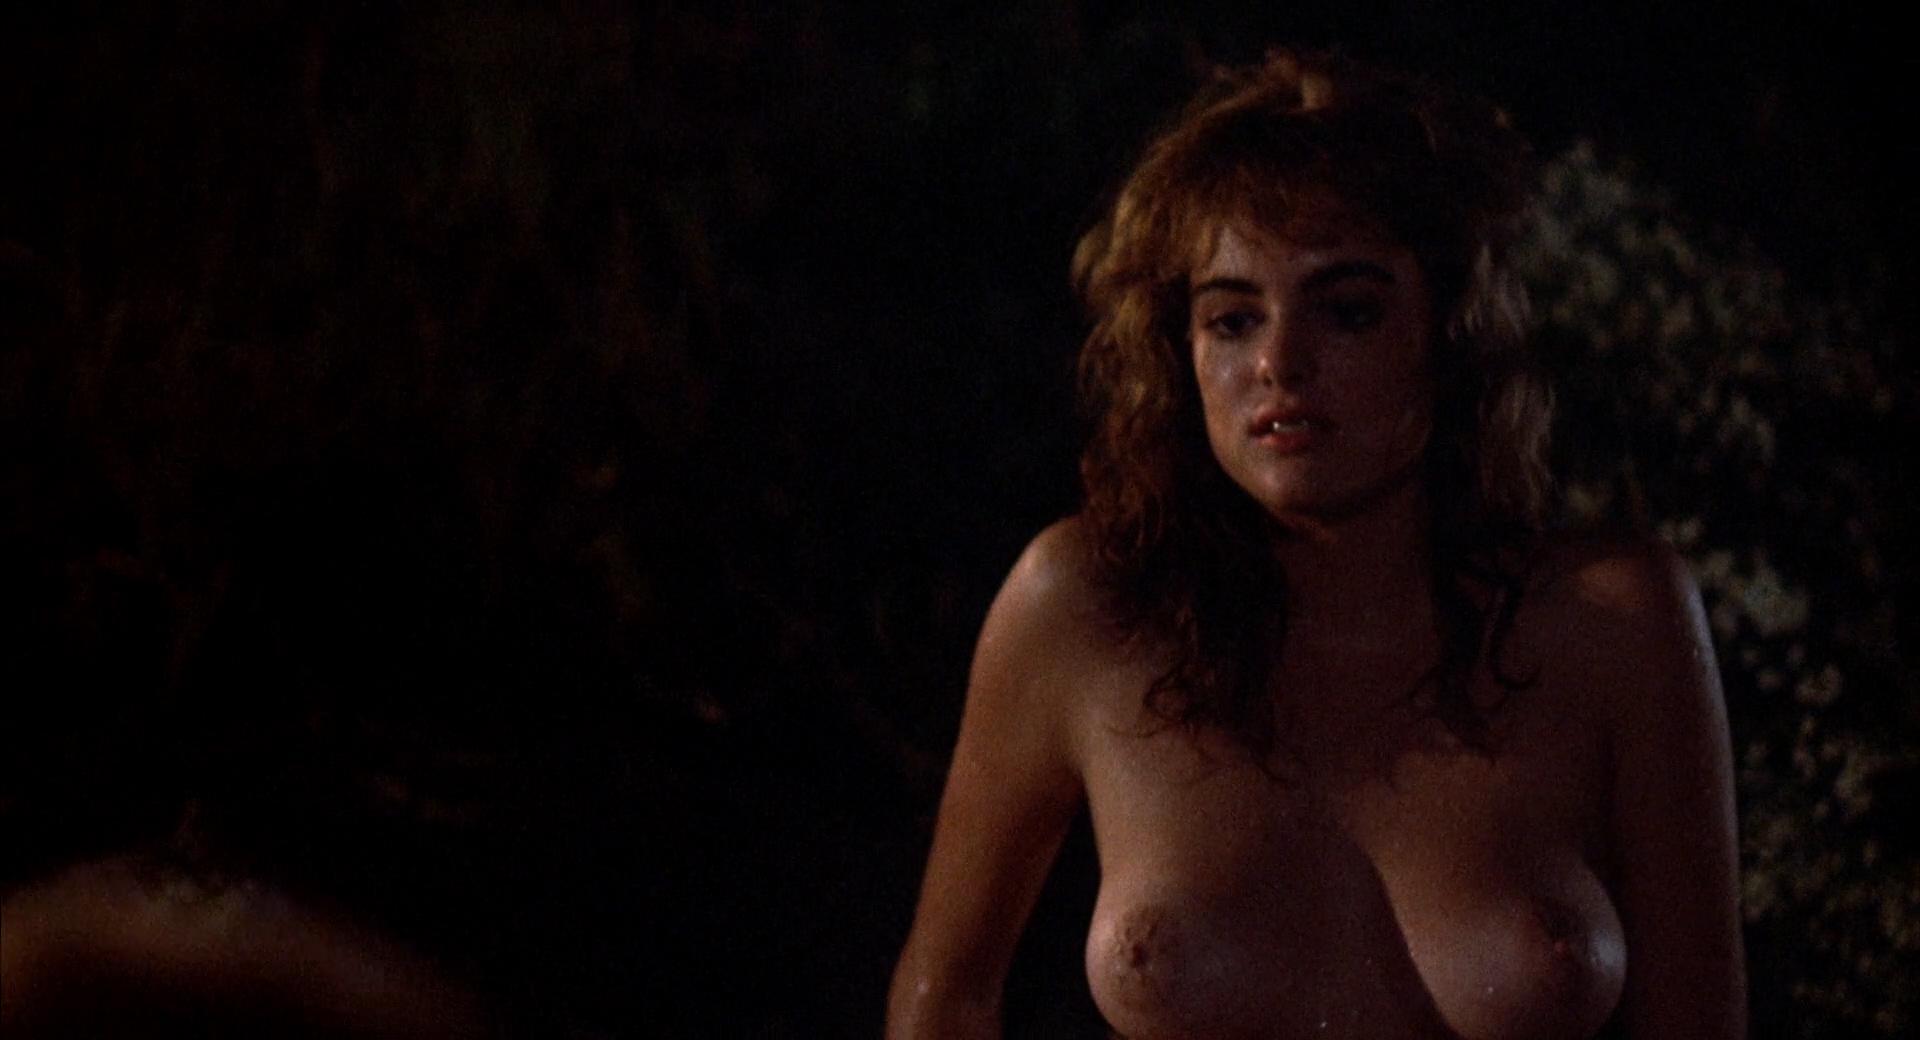 Michelle johnson video nude — pic 14